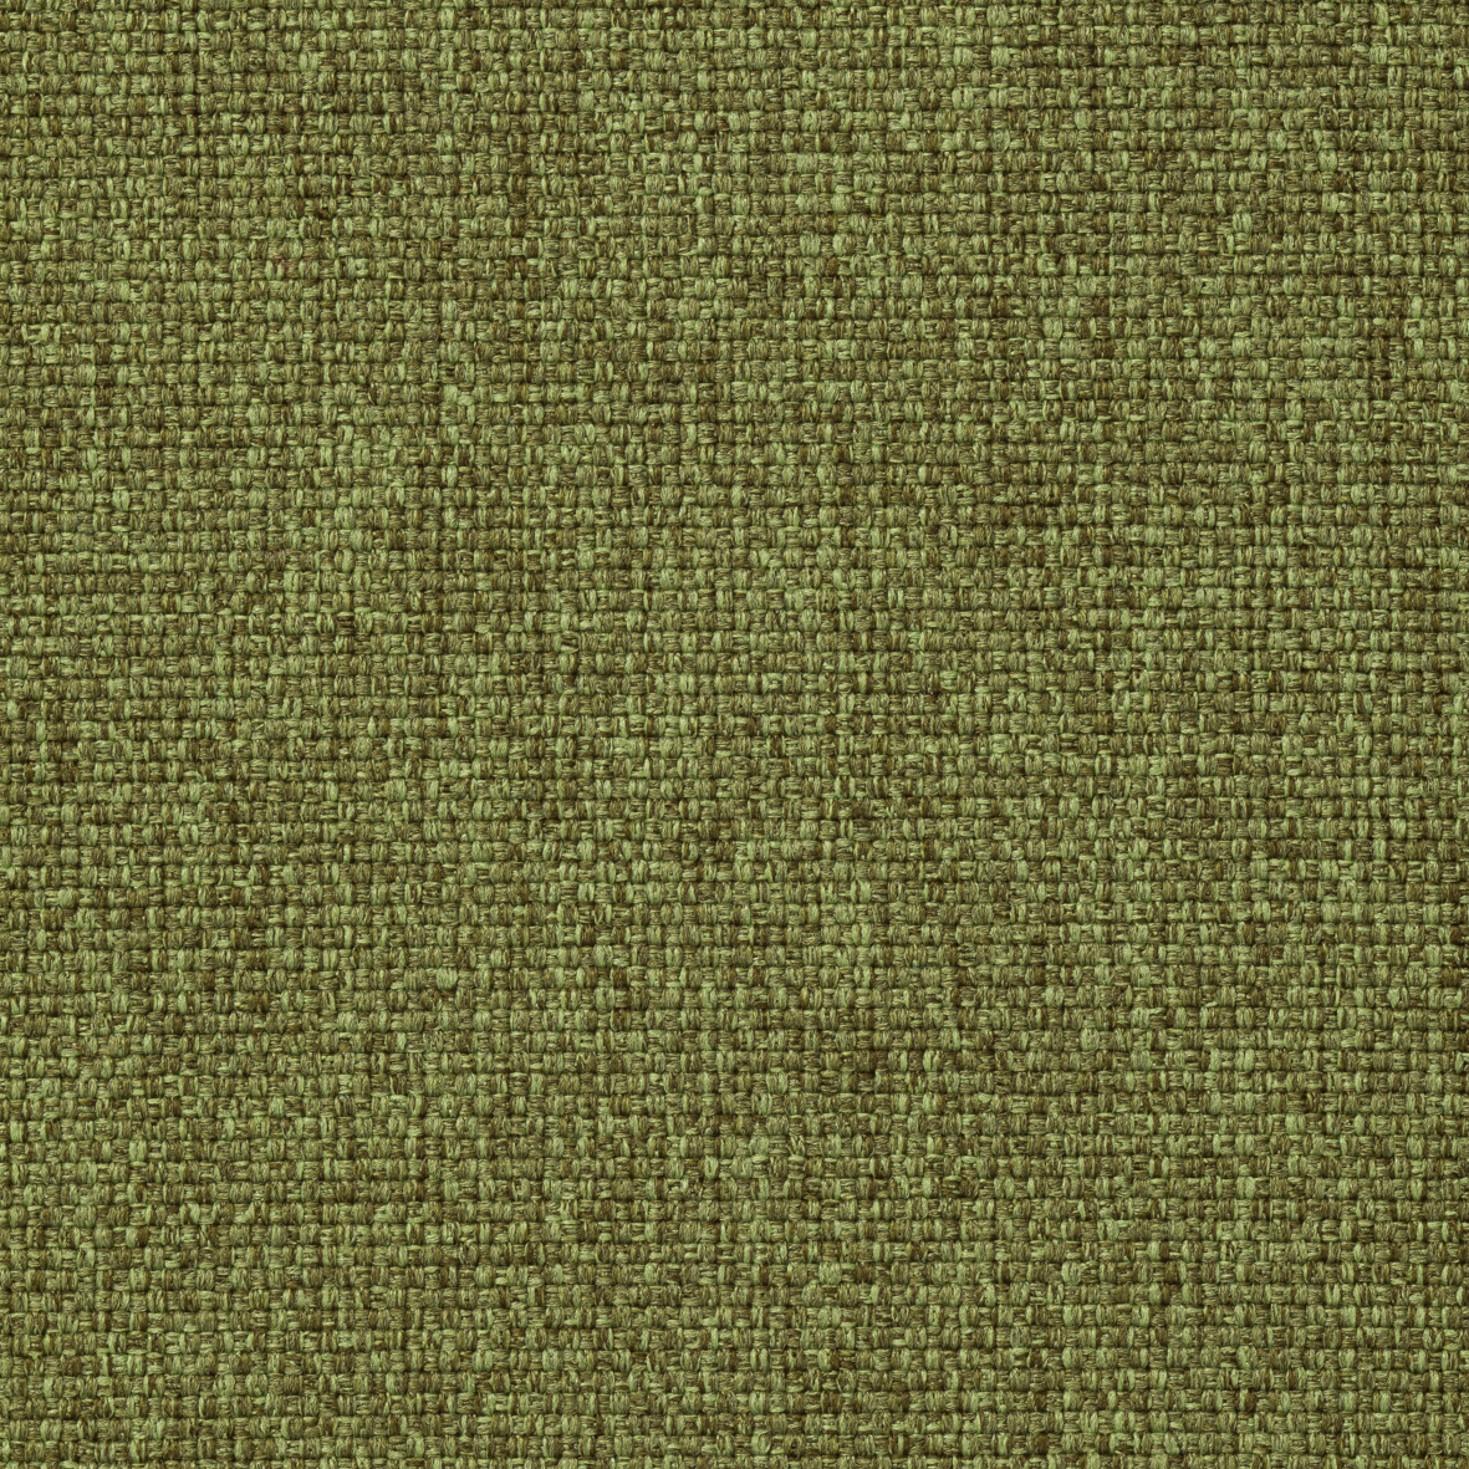 Medley Khaki Green 68005